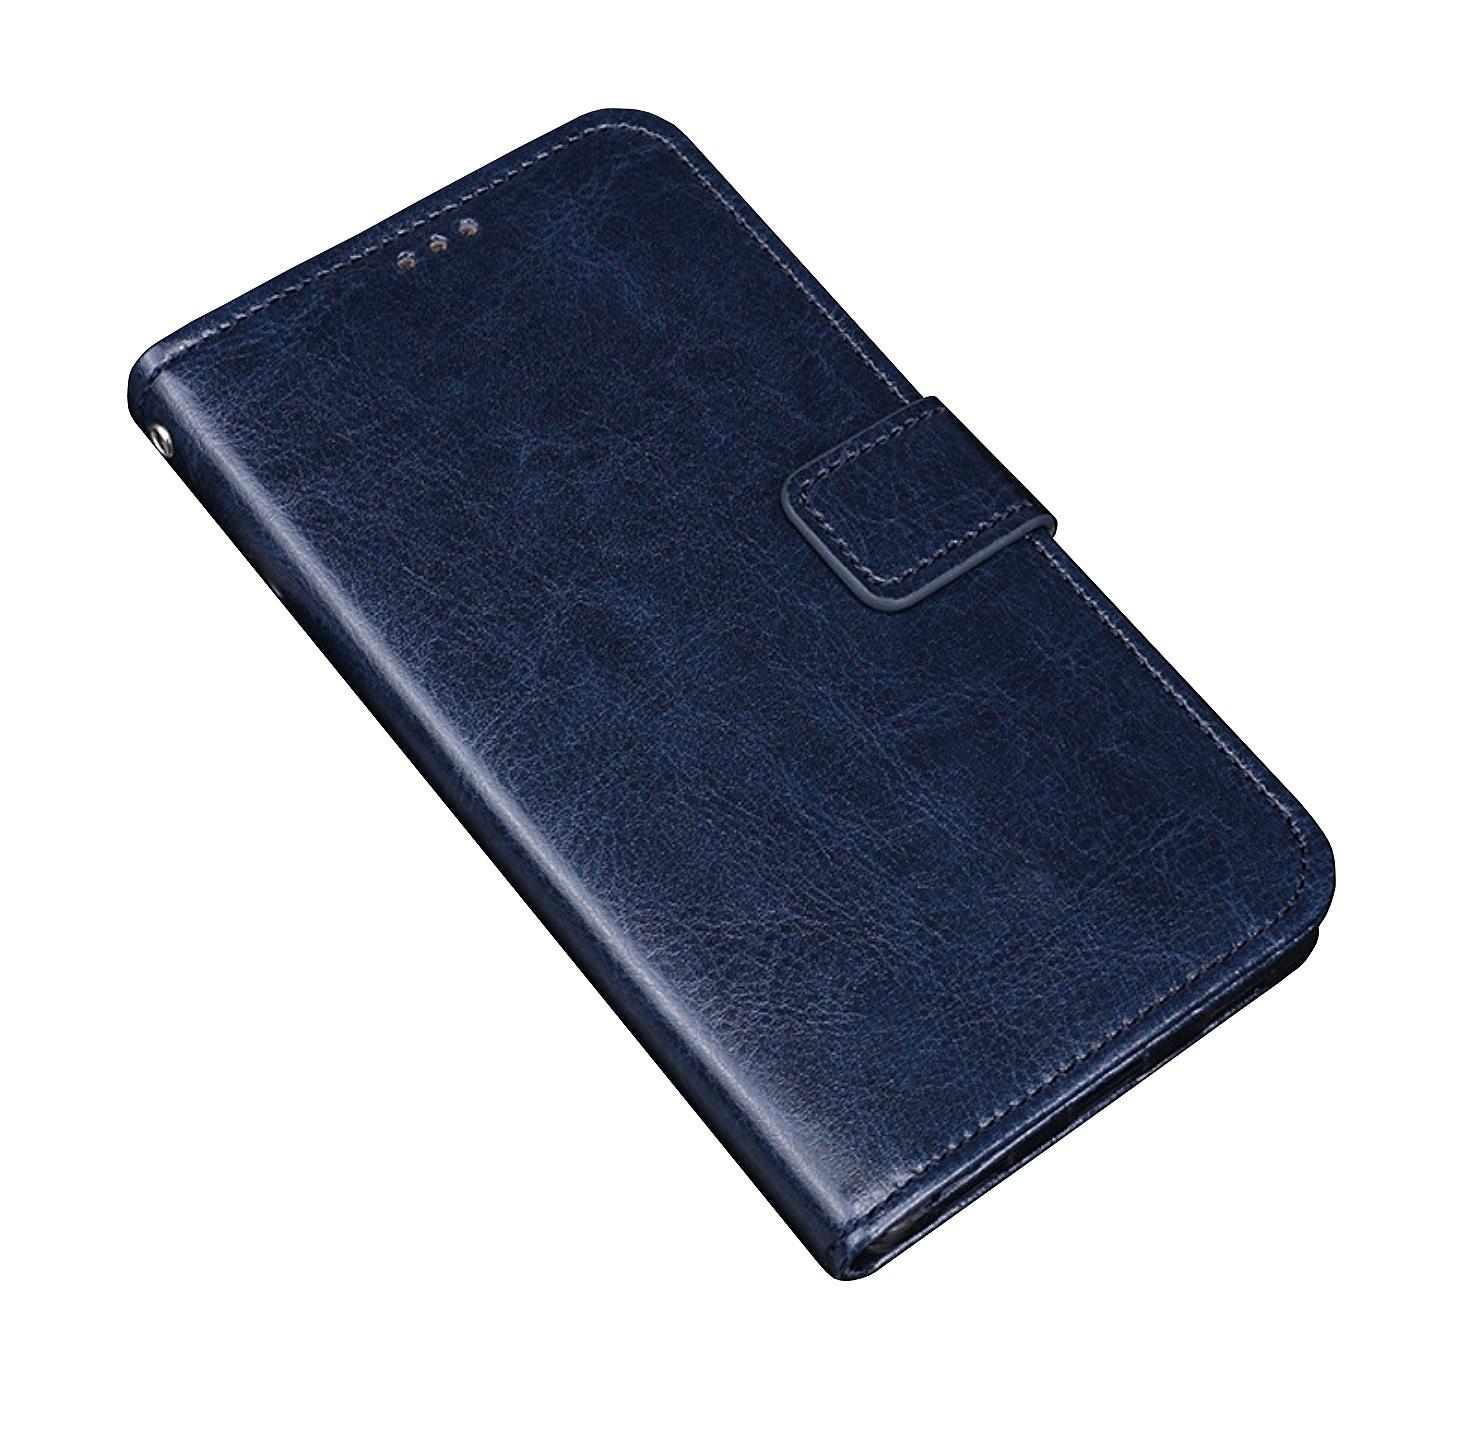 Фирменный чехол-книжка из качественной импортной кожи с мульти-подставкой застёжкой и визитницей для Alcatel 5V 5060D синий MyPads